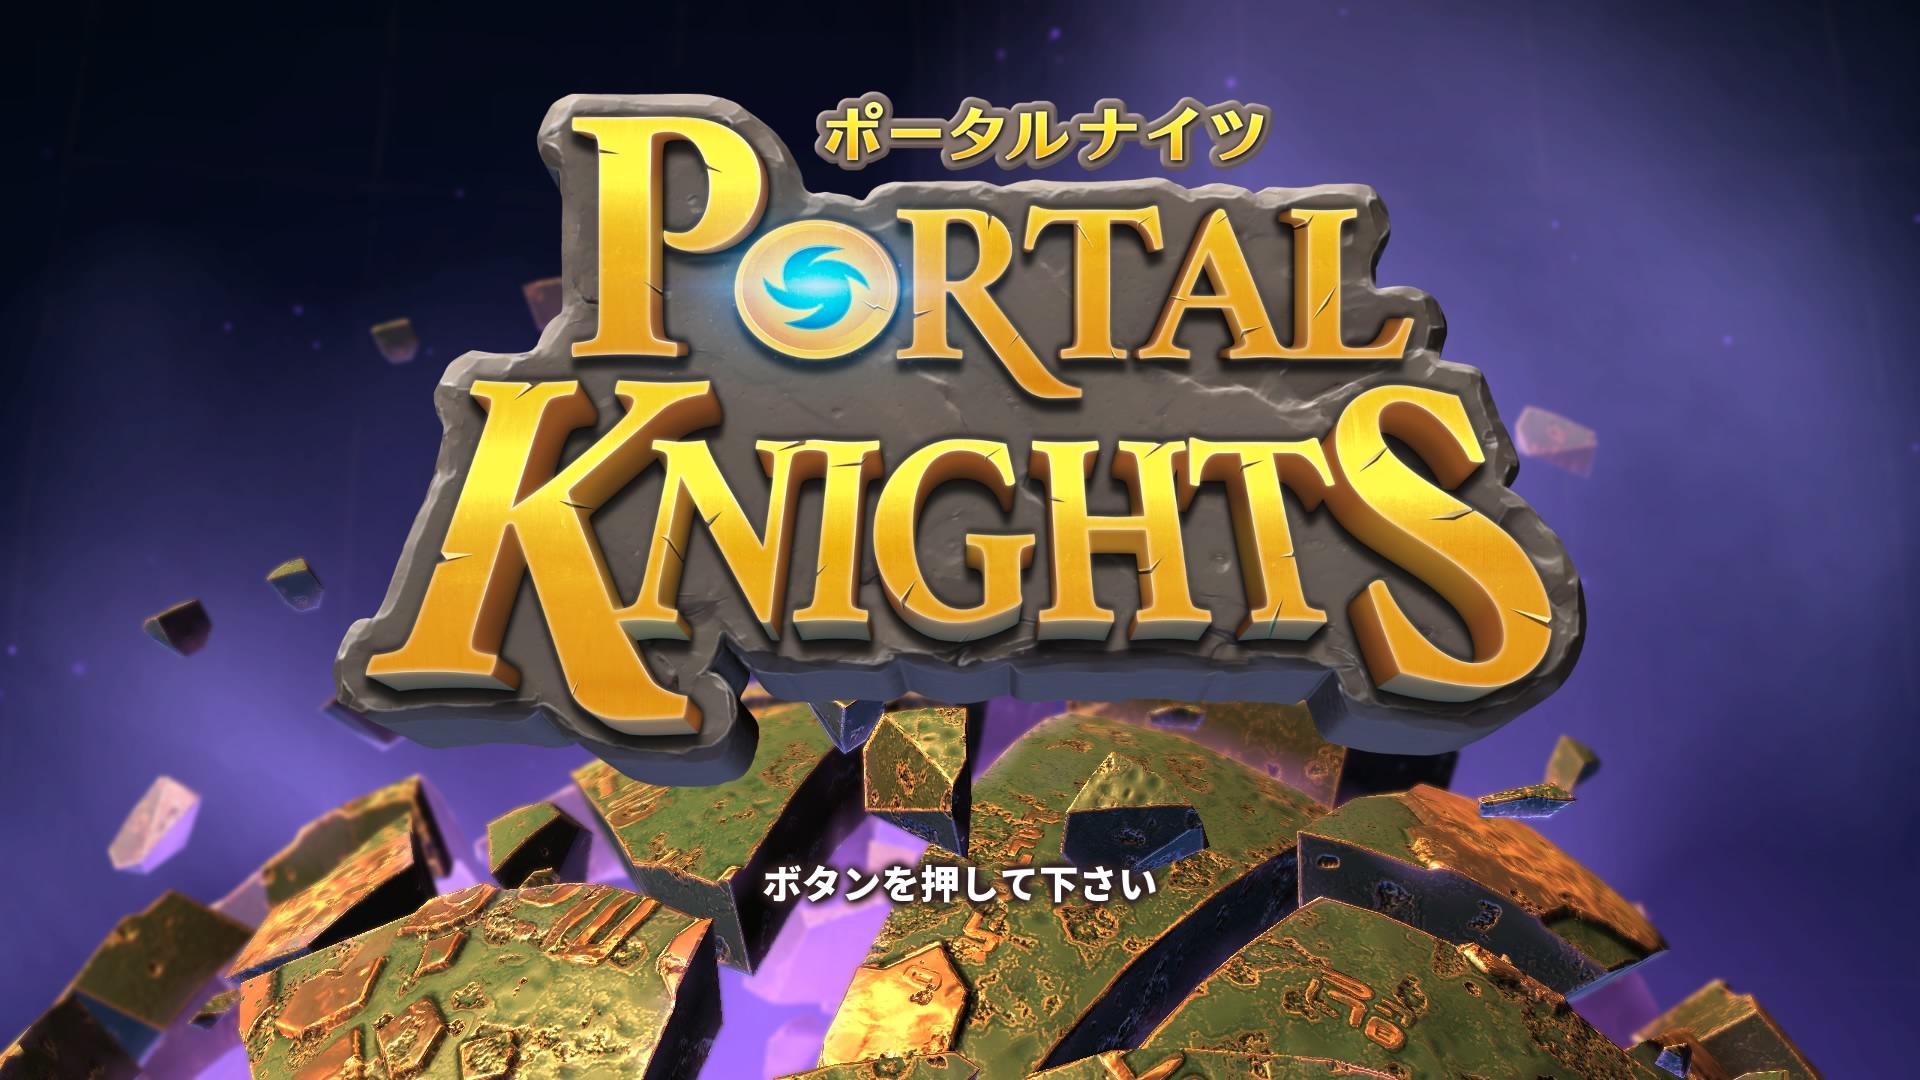 ポータルナイツ(PS4)感想・レビュー